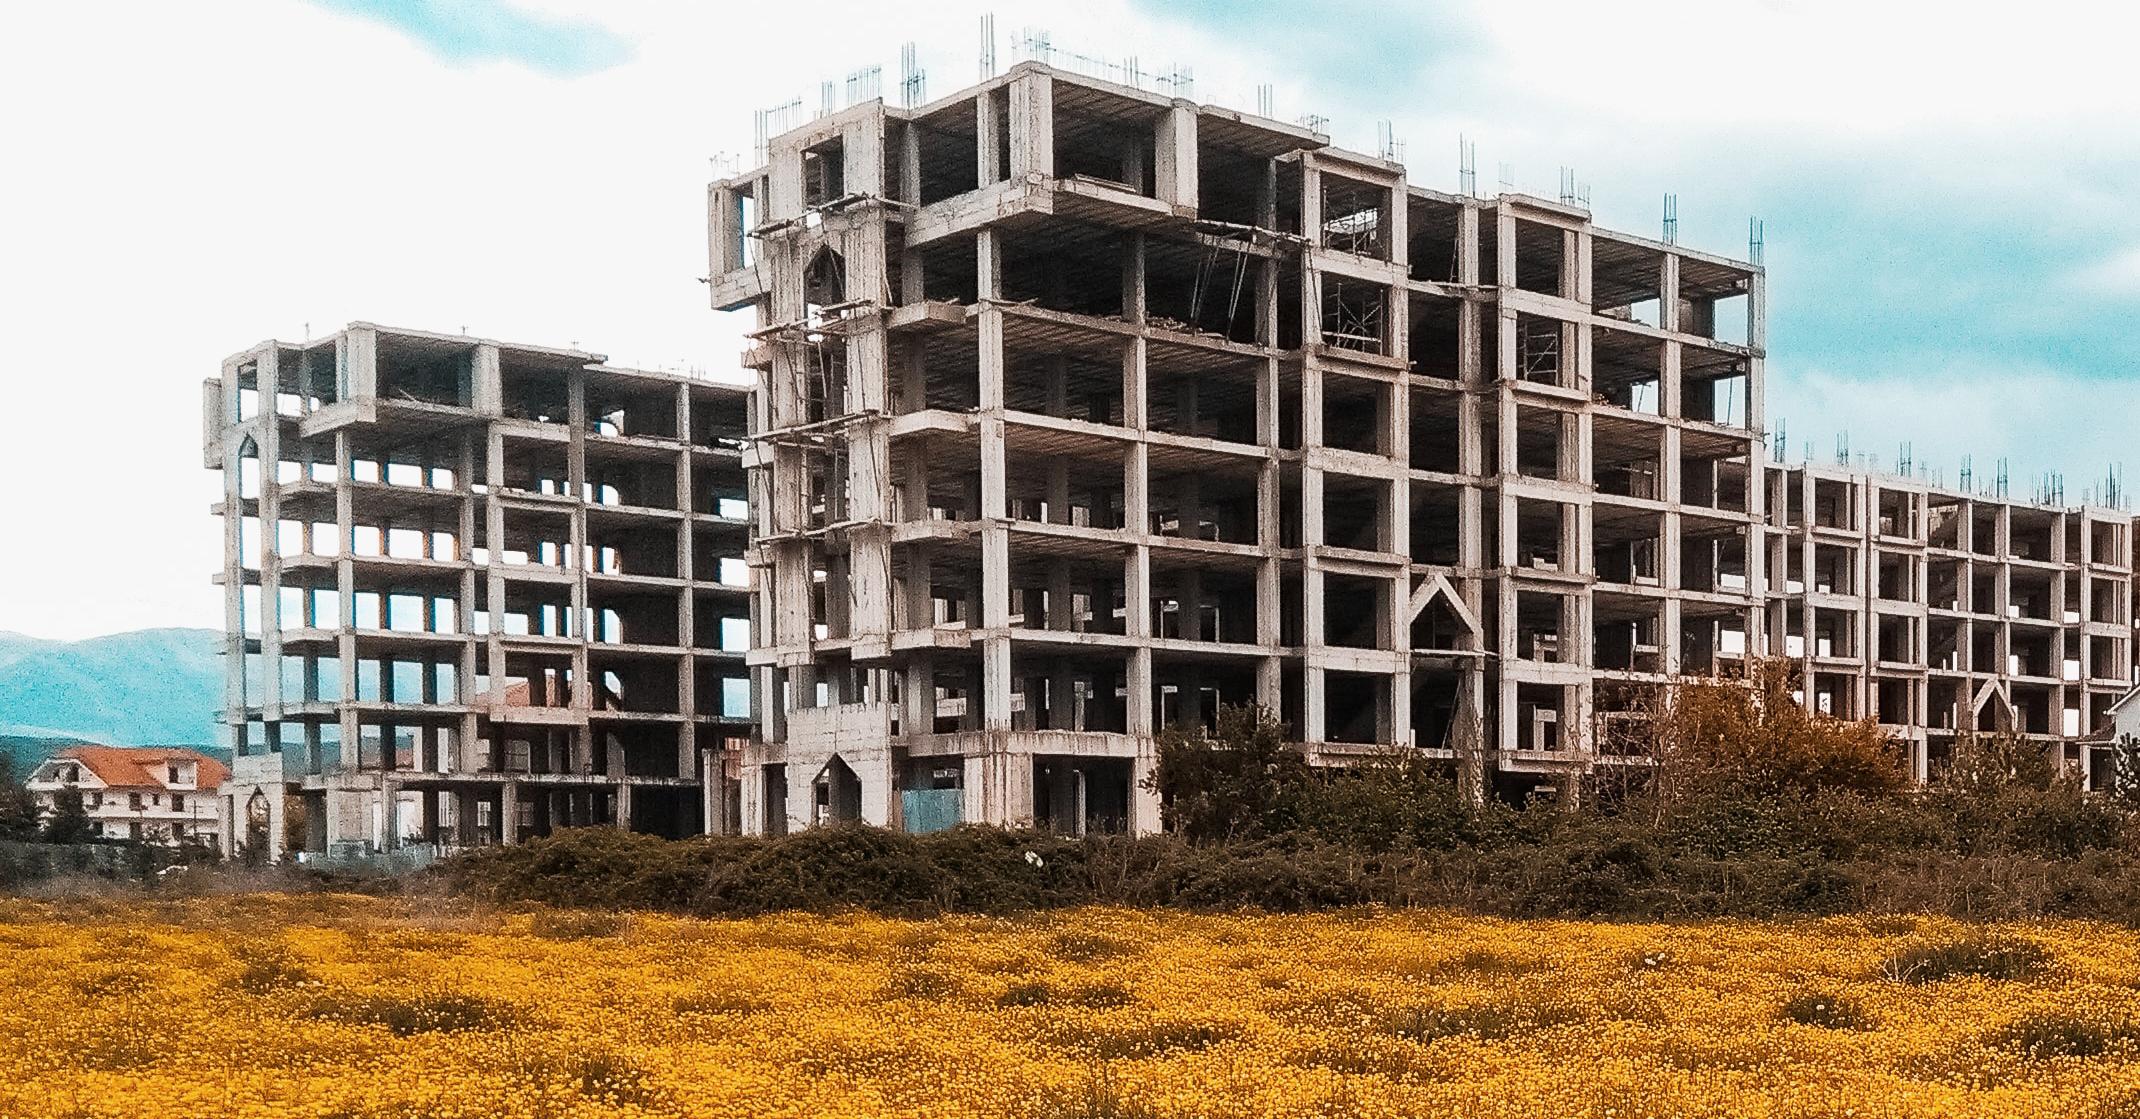 RME construction